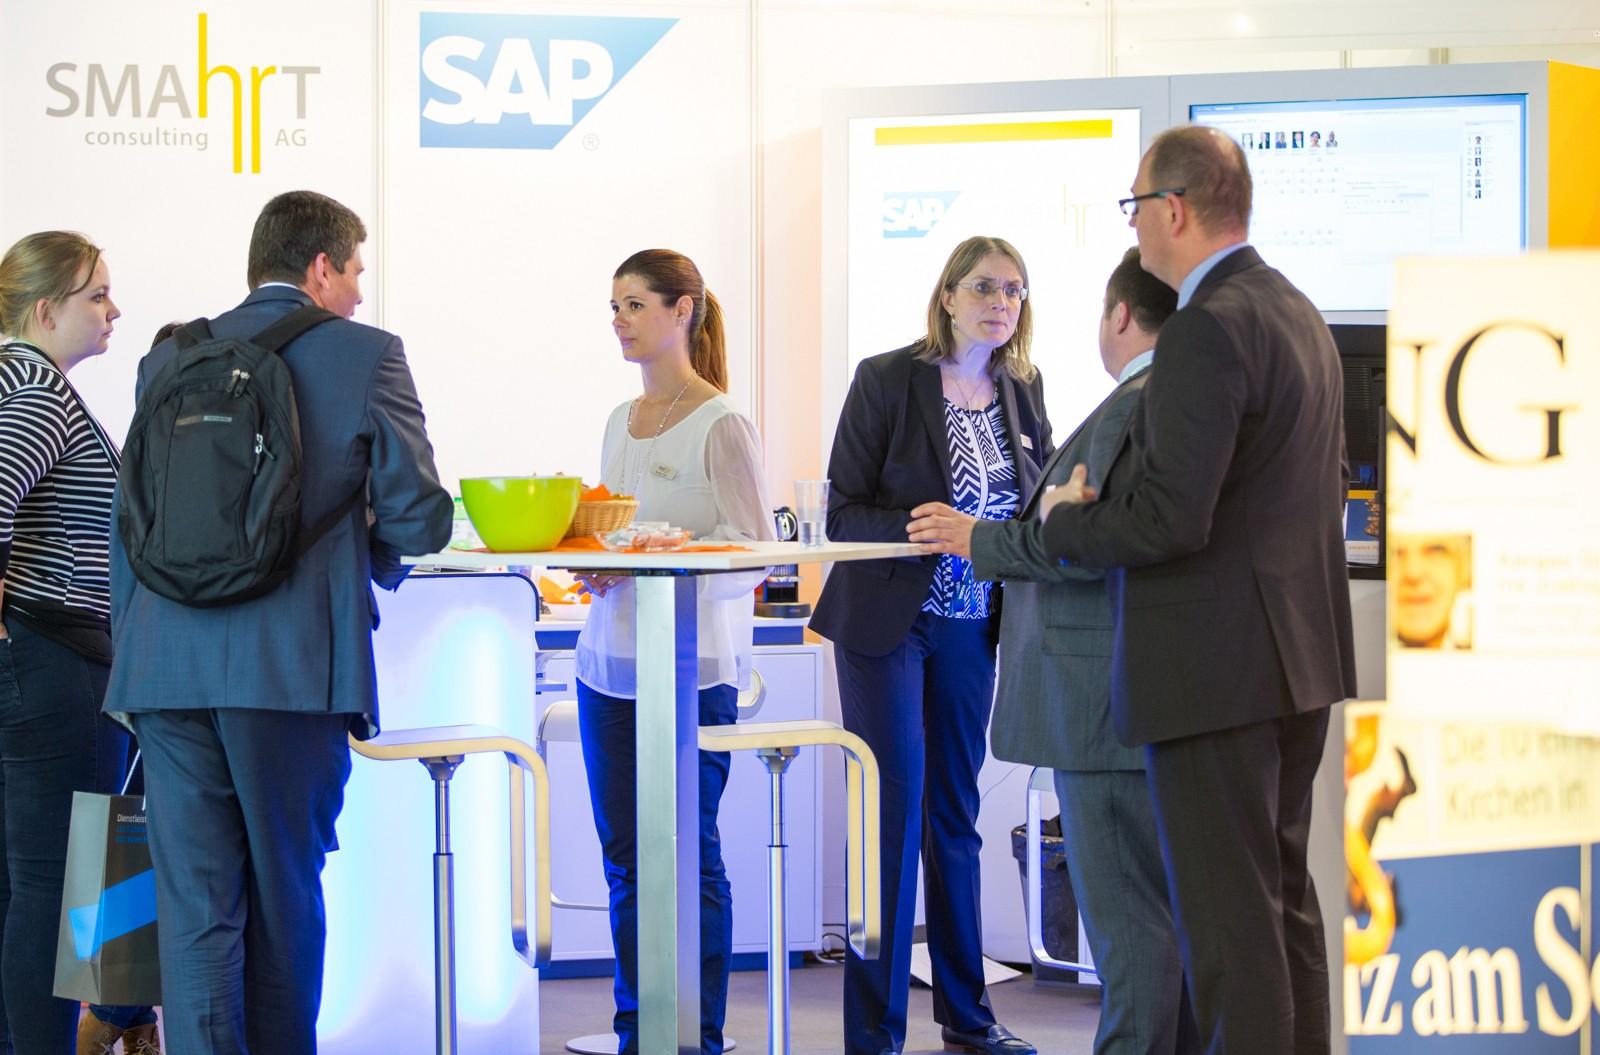 Gehört dazu: Businesskontakte zu knüpfen und zu pflegen. Foto Friederike Tröndle/Personal Swiss